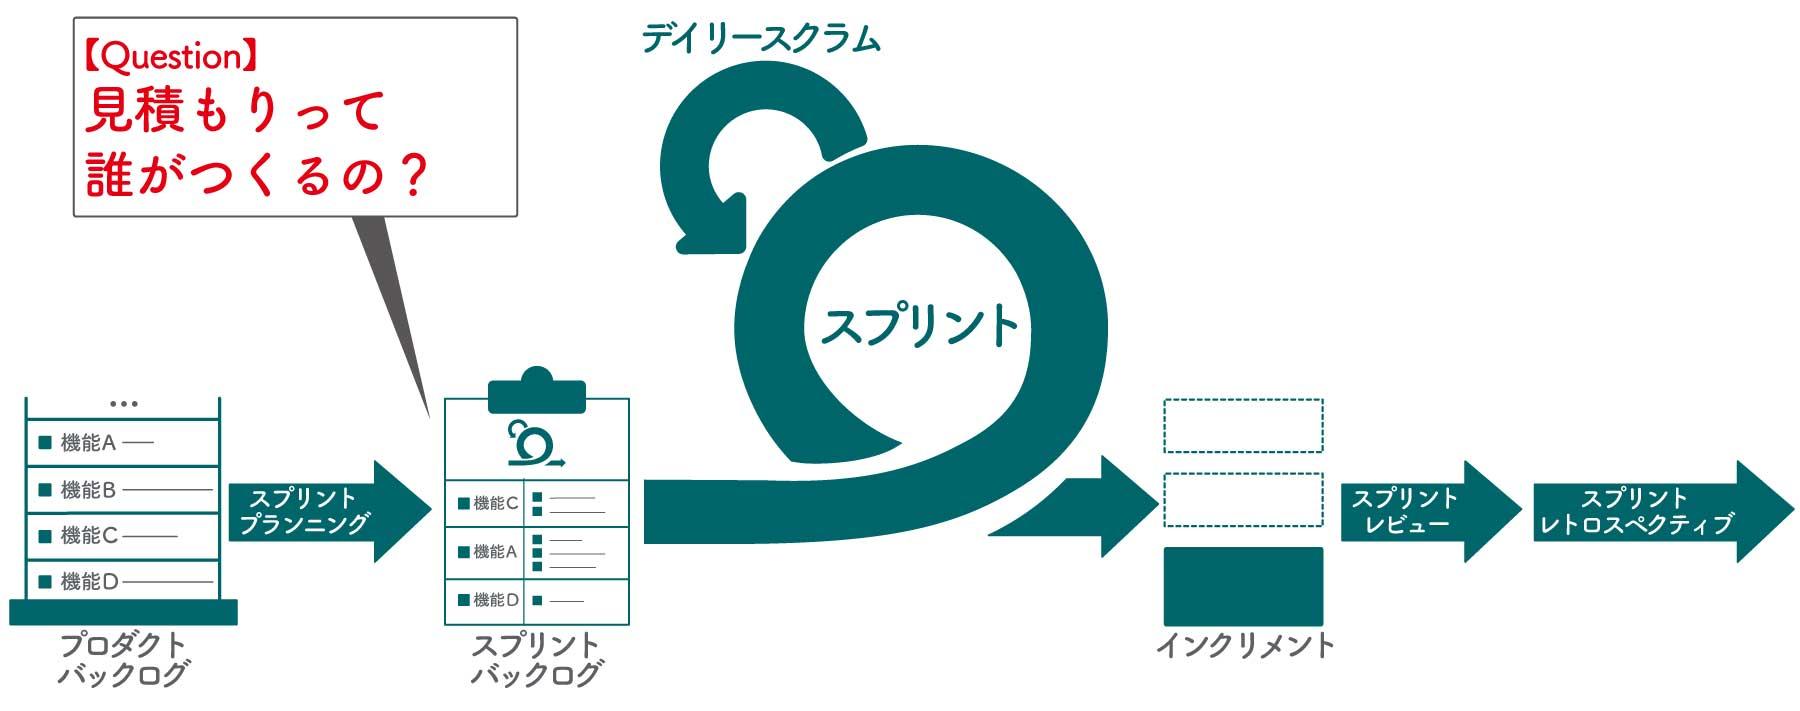 スクラム見積もりの疑問></p>  <p><b>──では、スクラムを進める上での具体的なToDoについてお伺いしていきたいと思います。まずはプロダクトバックログと見積もりですよね。プロダクトバックログを作るのはプロダクトオーナーの仕事なのでしょうか?</b></p>  <p><span style=